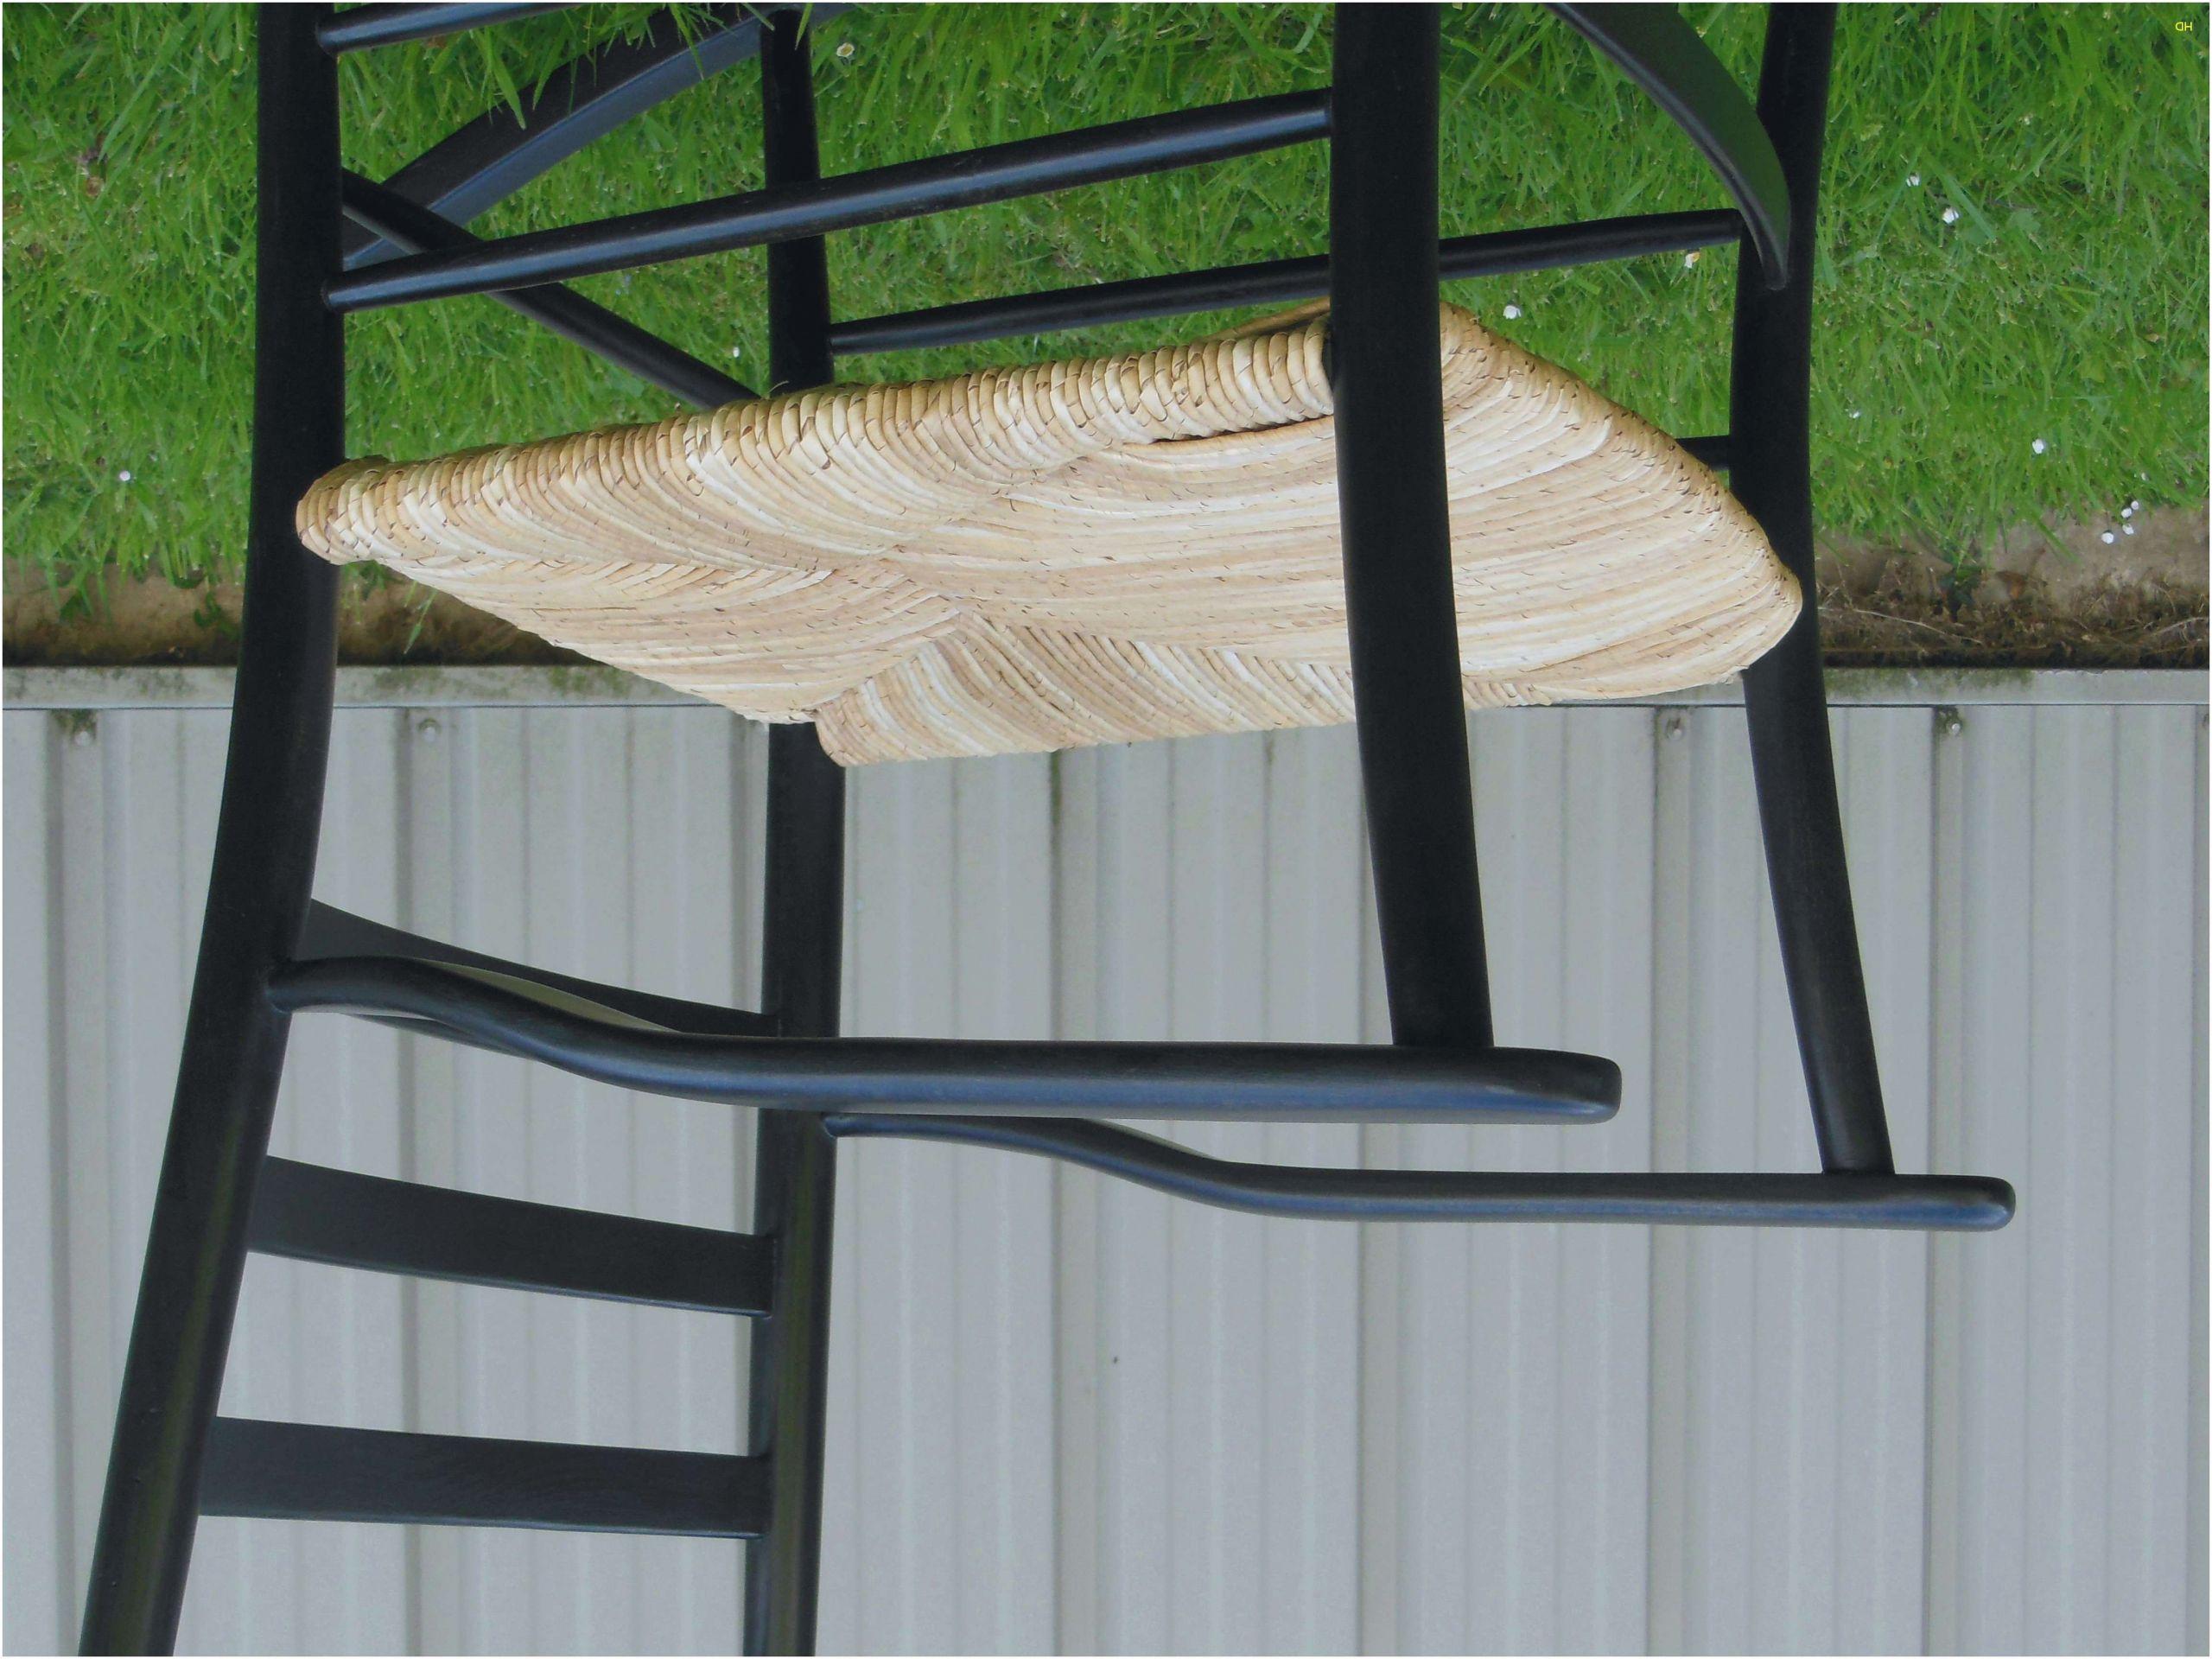 castorama cabane de jardin photo de inspire luxe castorama chaise de jardin jardin and piscine pour of castorama cabane de jardin